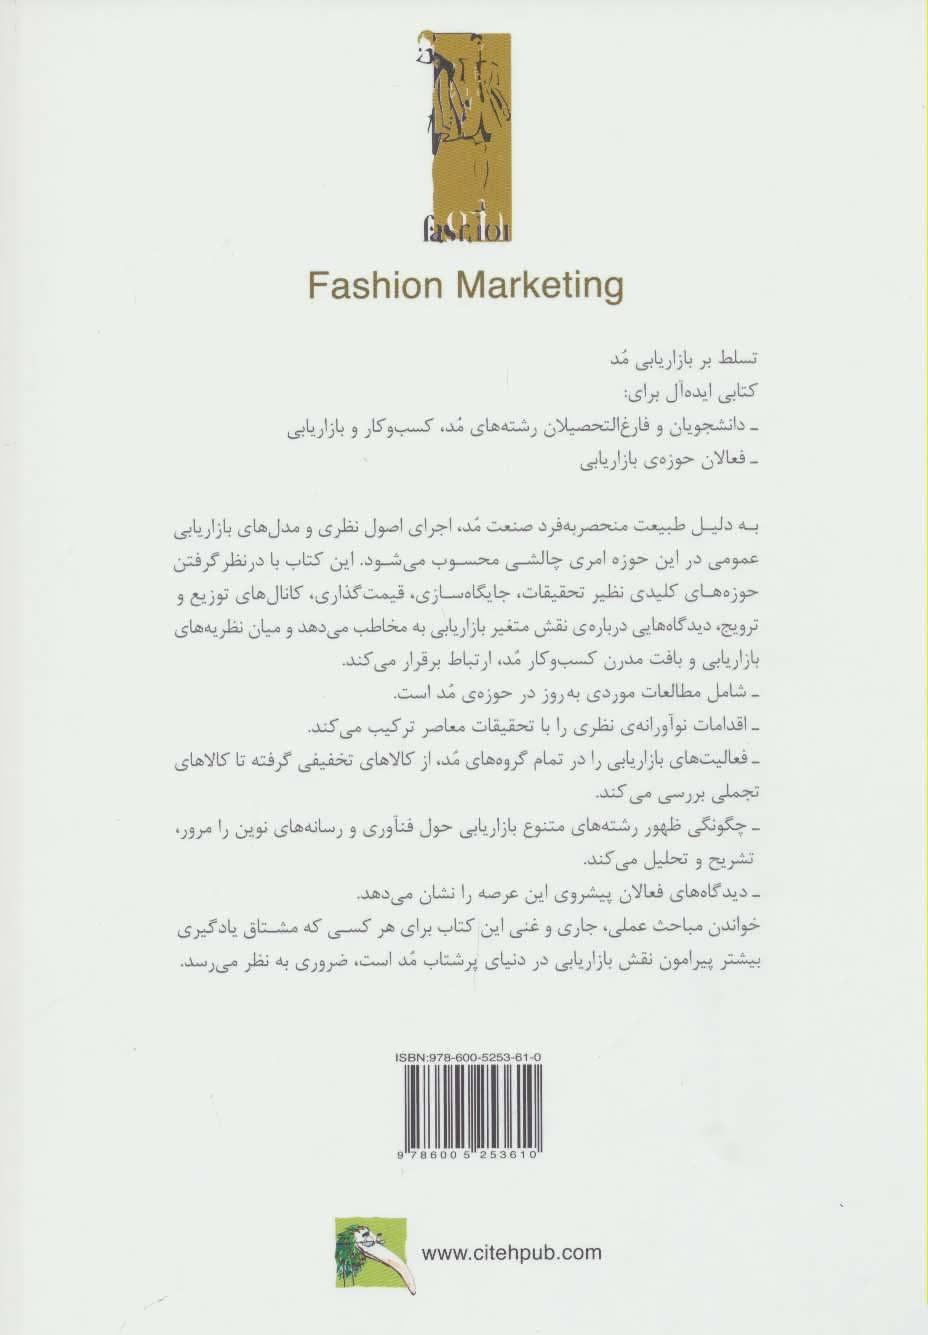 بازاریابی مد (راه کارهای تبلیغات و بازاریابی72)